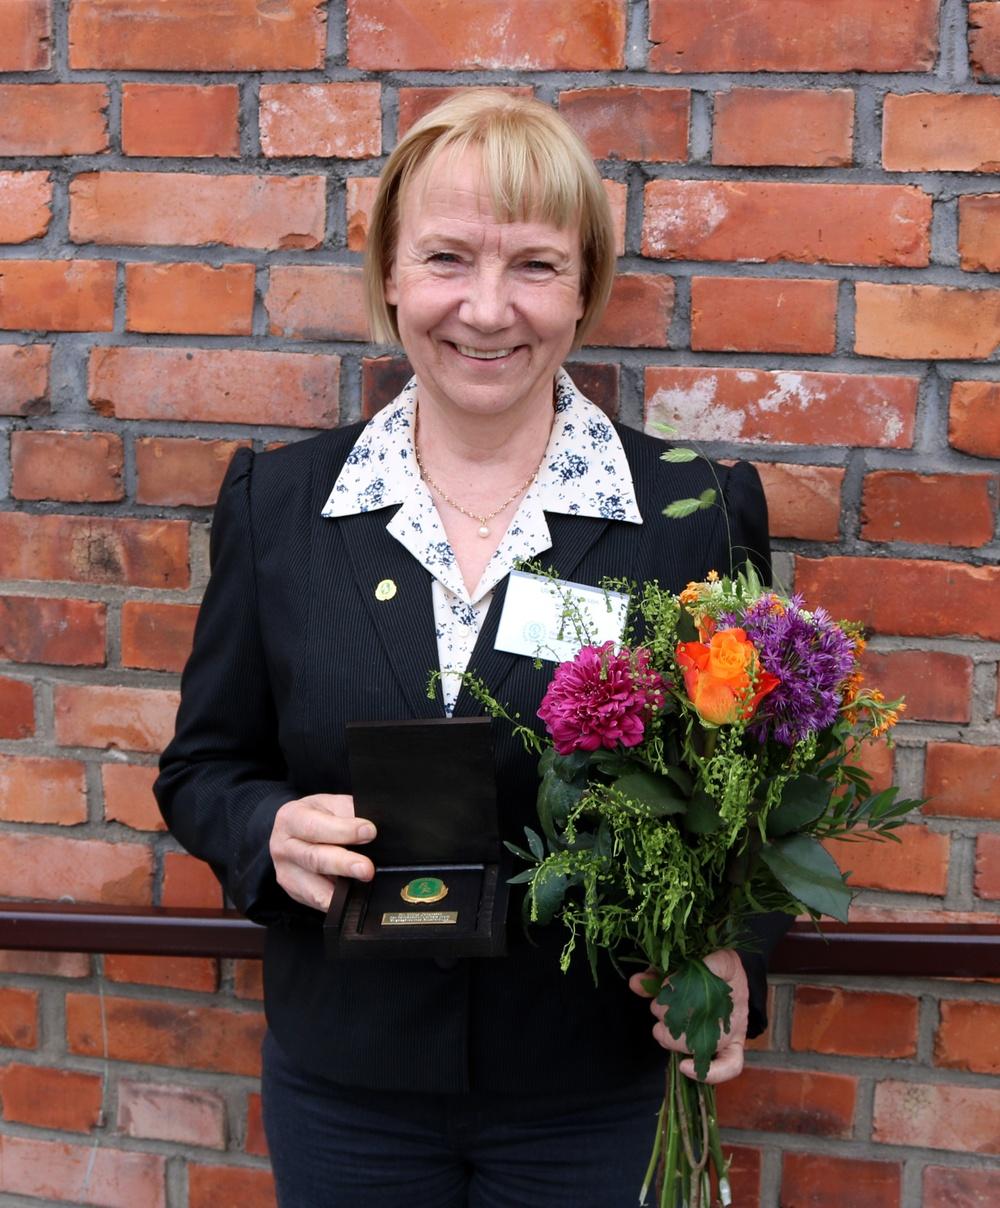 Ulrika Johansson, Väse, Värmland